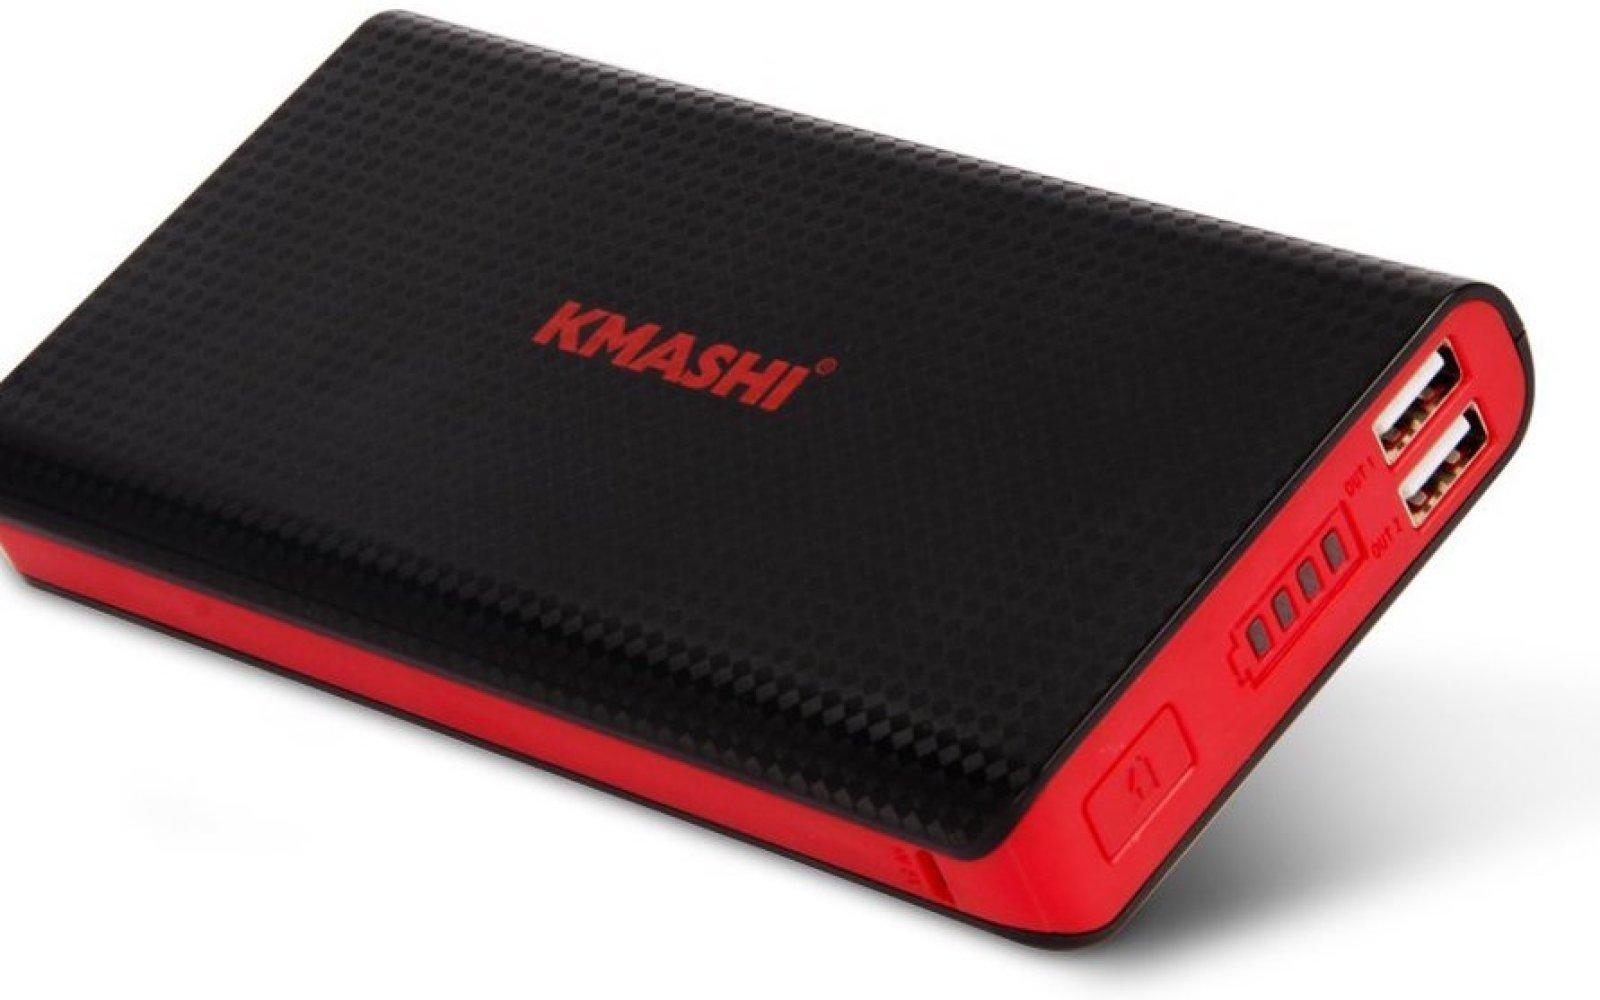 Kmashi 15,000mAh Dual-USB Power Bank: $15 shipped (Reg. $20)